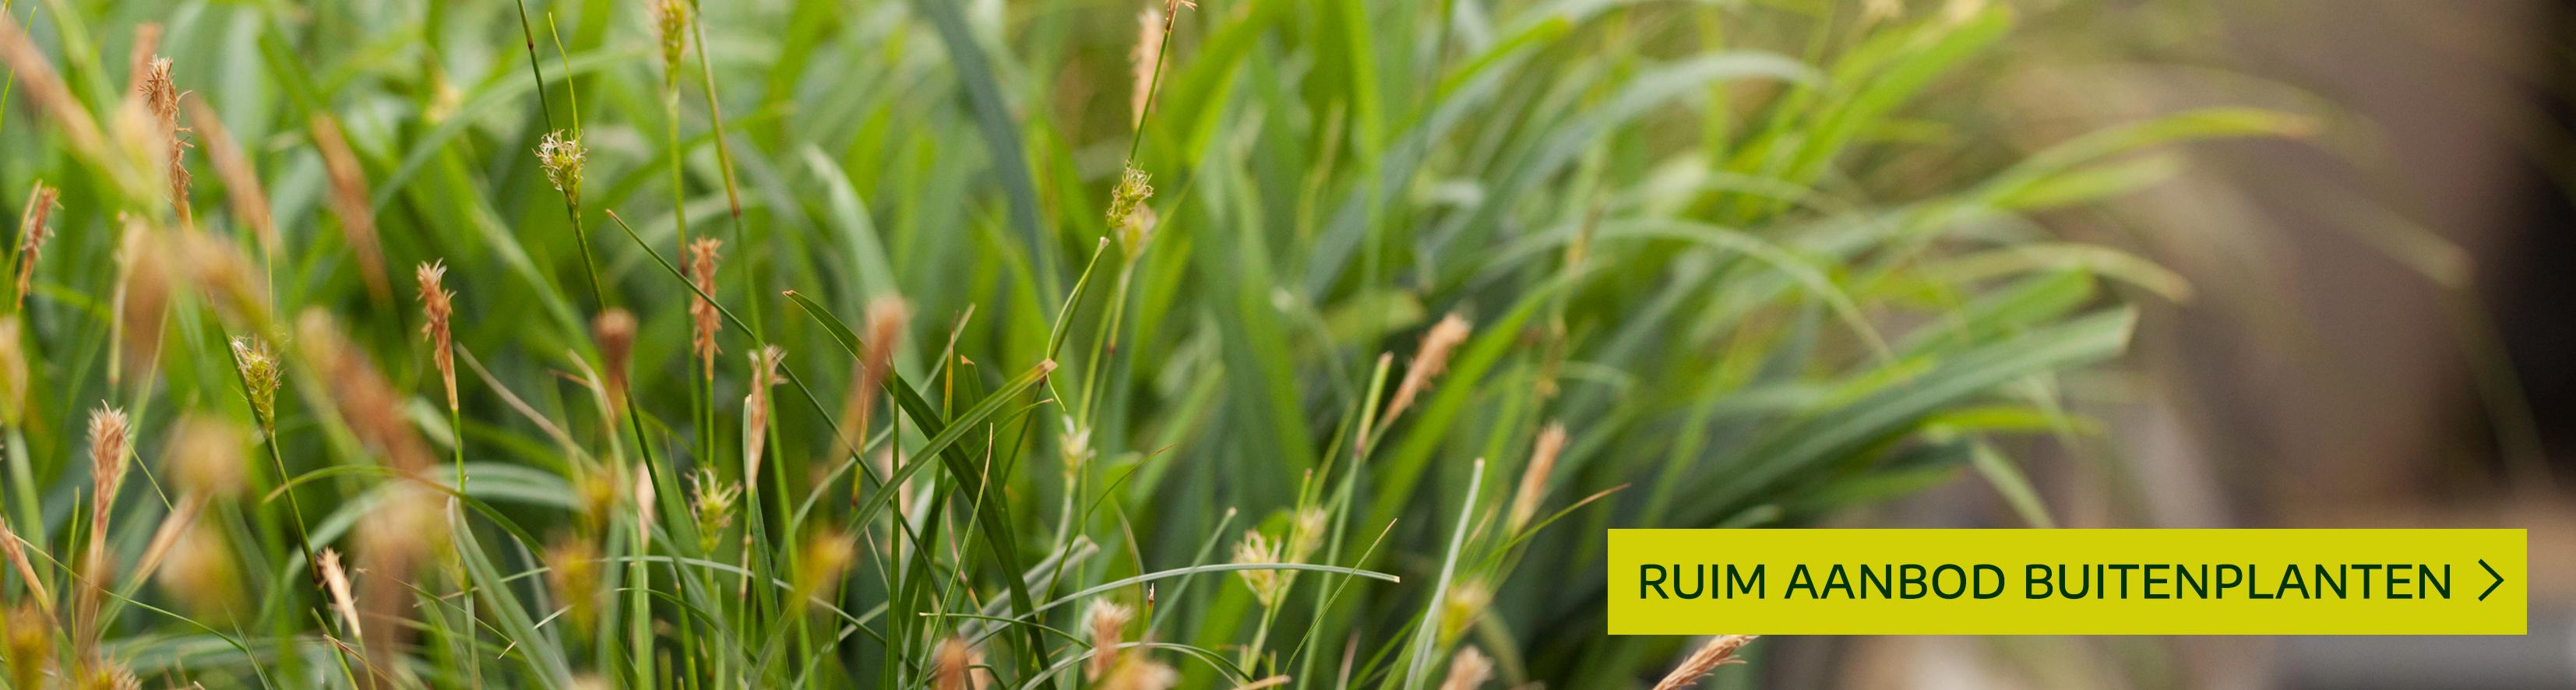 Artikelaanbod buitenplanten leuven mechelen heist-op-den-berg tuincentrum thiels